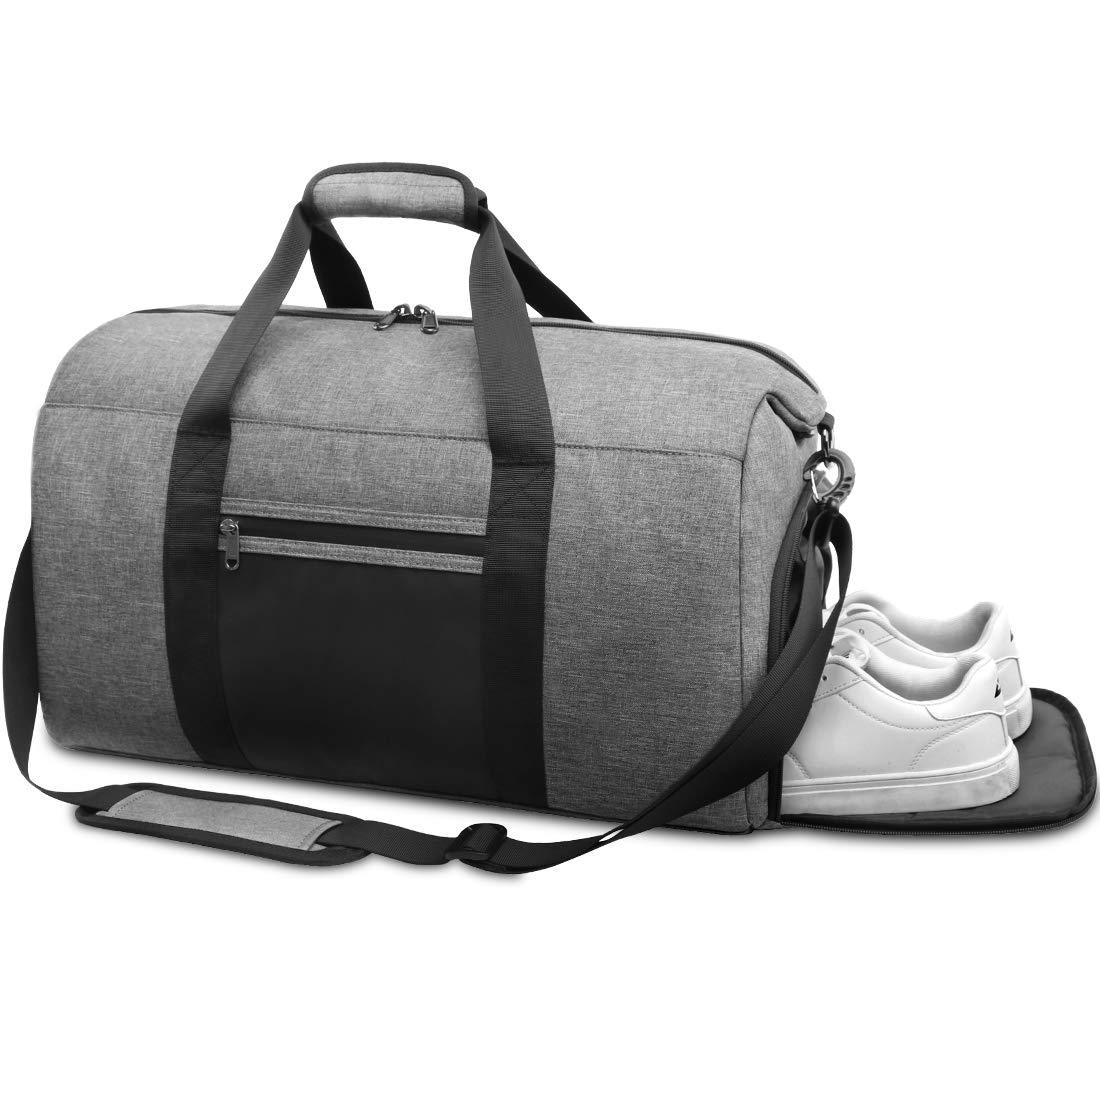 Amazon.com: Bolsa de deporte con compartimento para zapatos ...